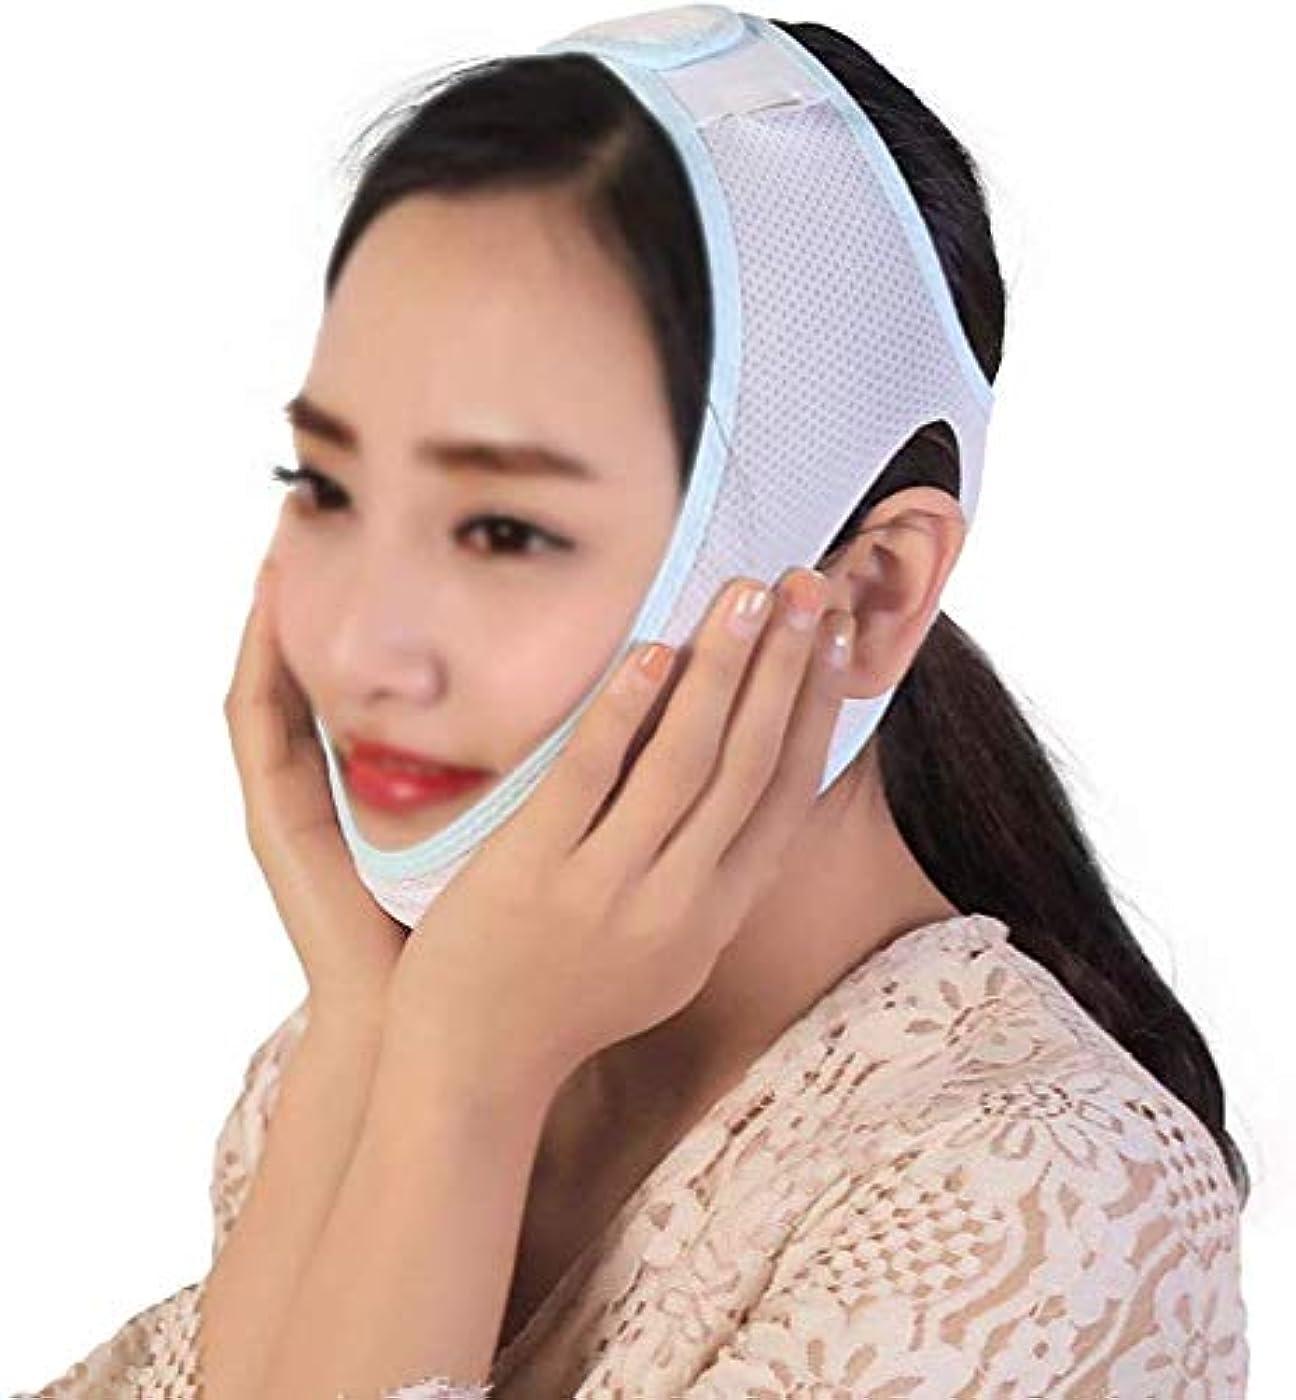 階下管理フォーム美容と実用的なファーミングフェイスマスク、スモールVフェイスアーティファクトリフティングフェイスプラスチックフェイスマスクコンフォートアップグレードの最適化フェイスカーブの総合的な通気性包帯の改善(サイズ:L)